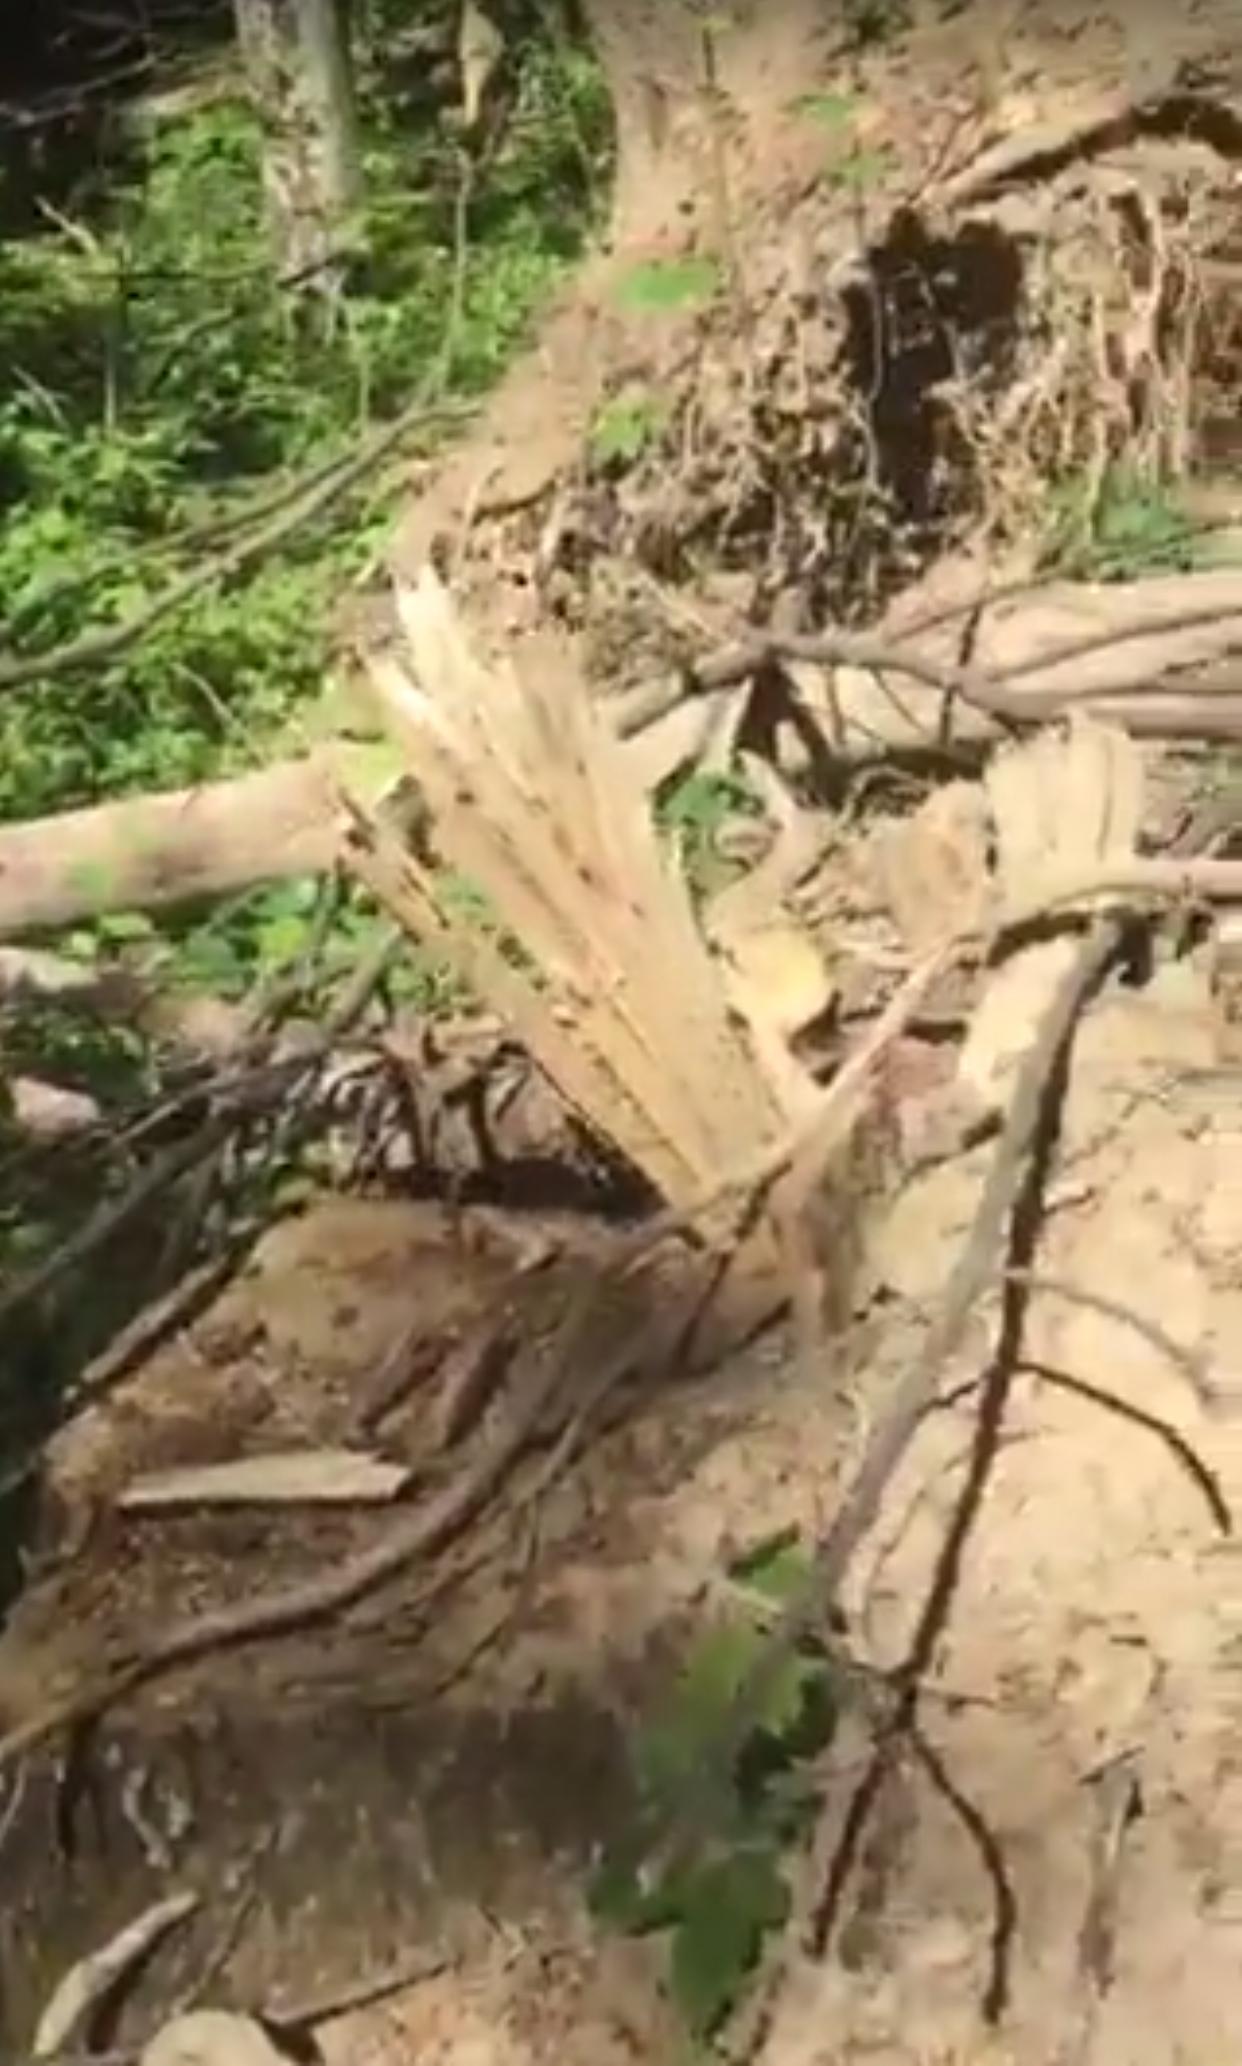 Сина начальника екоінспекції Закарпатської області звинуватили у варварських рубках (відео)